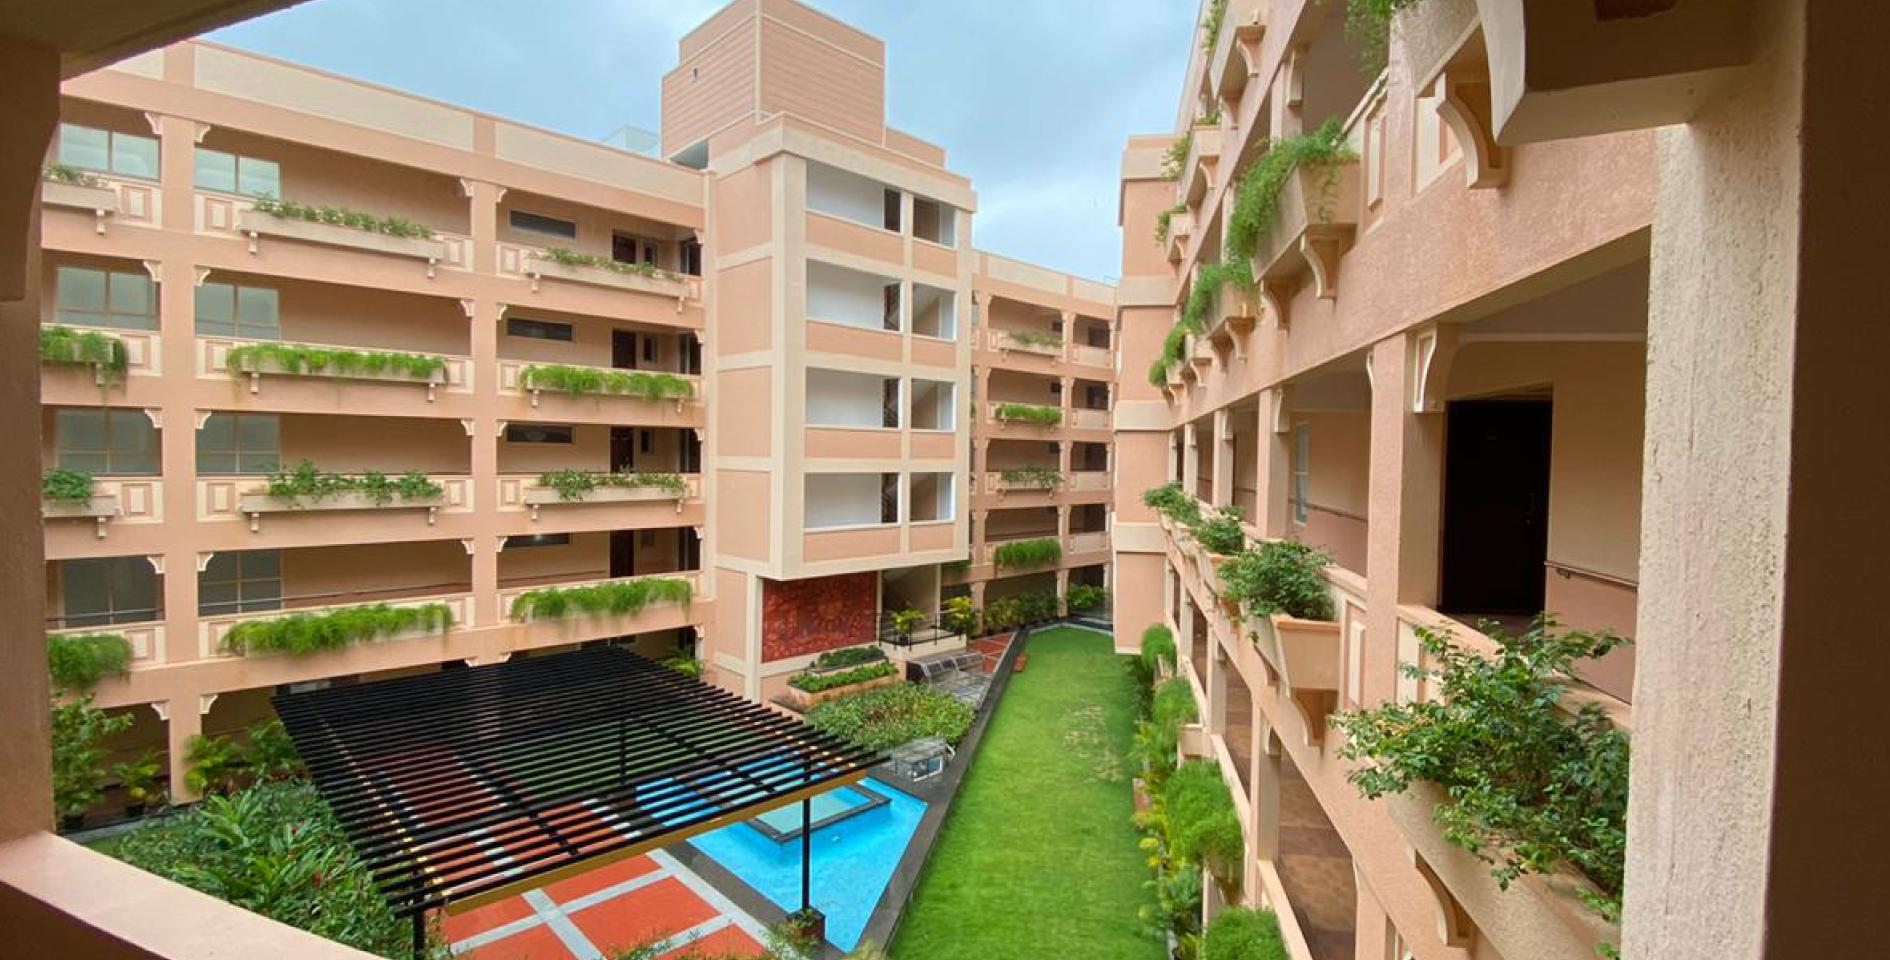 Urbana Irene by CovaiCare | Retirement Community in Bengaluru